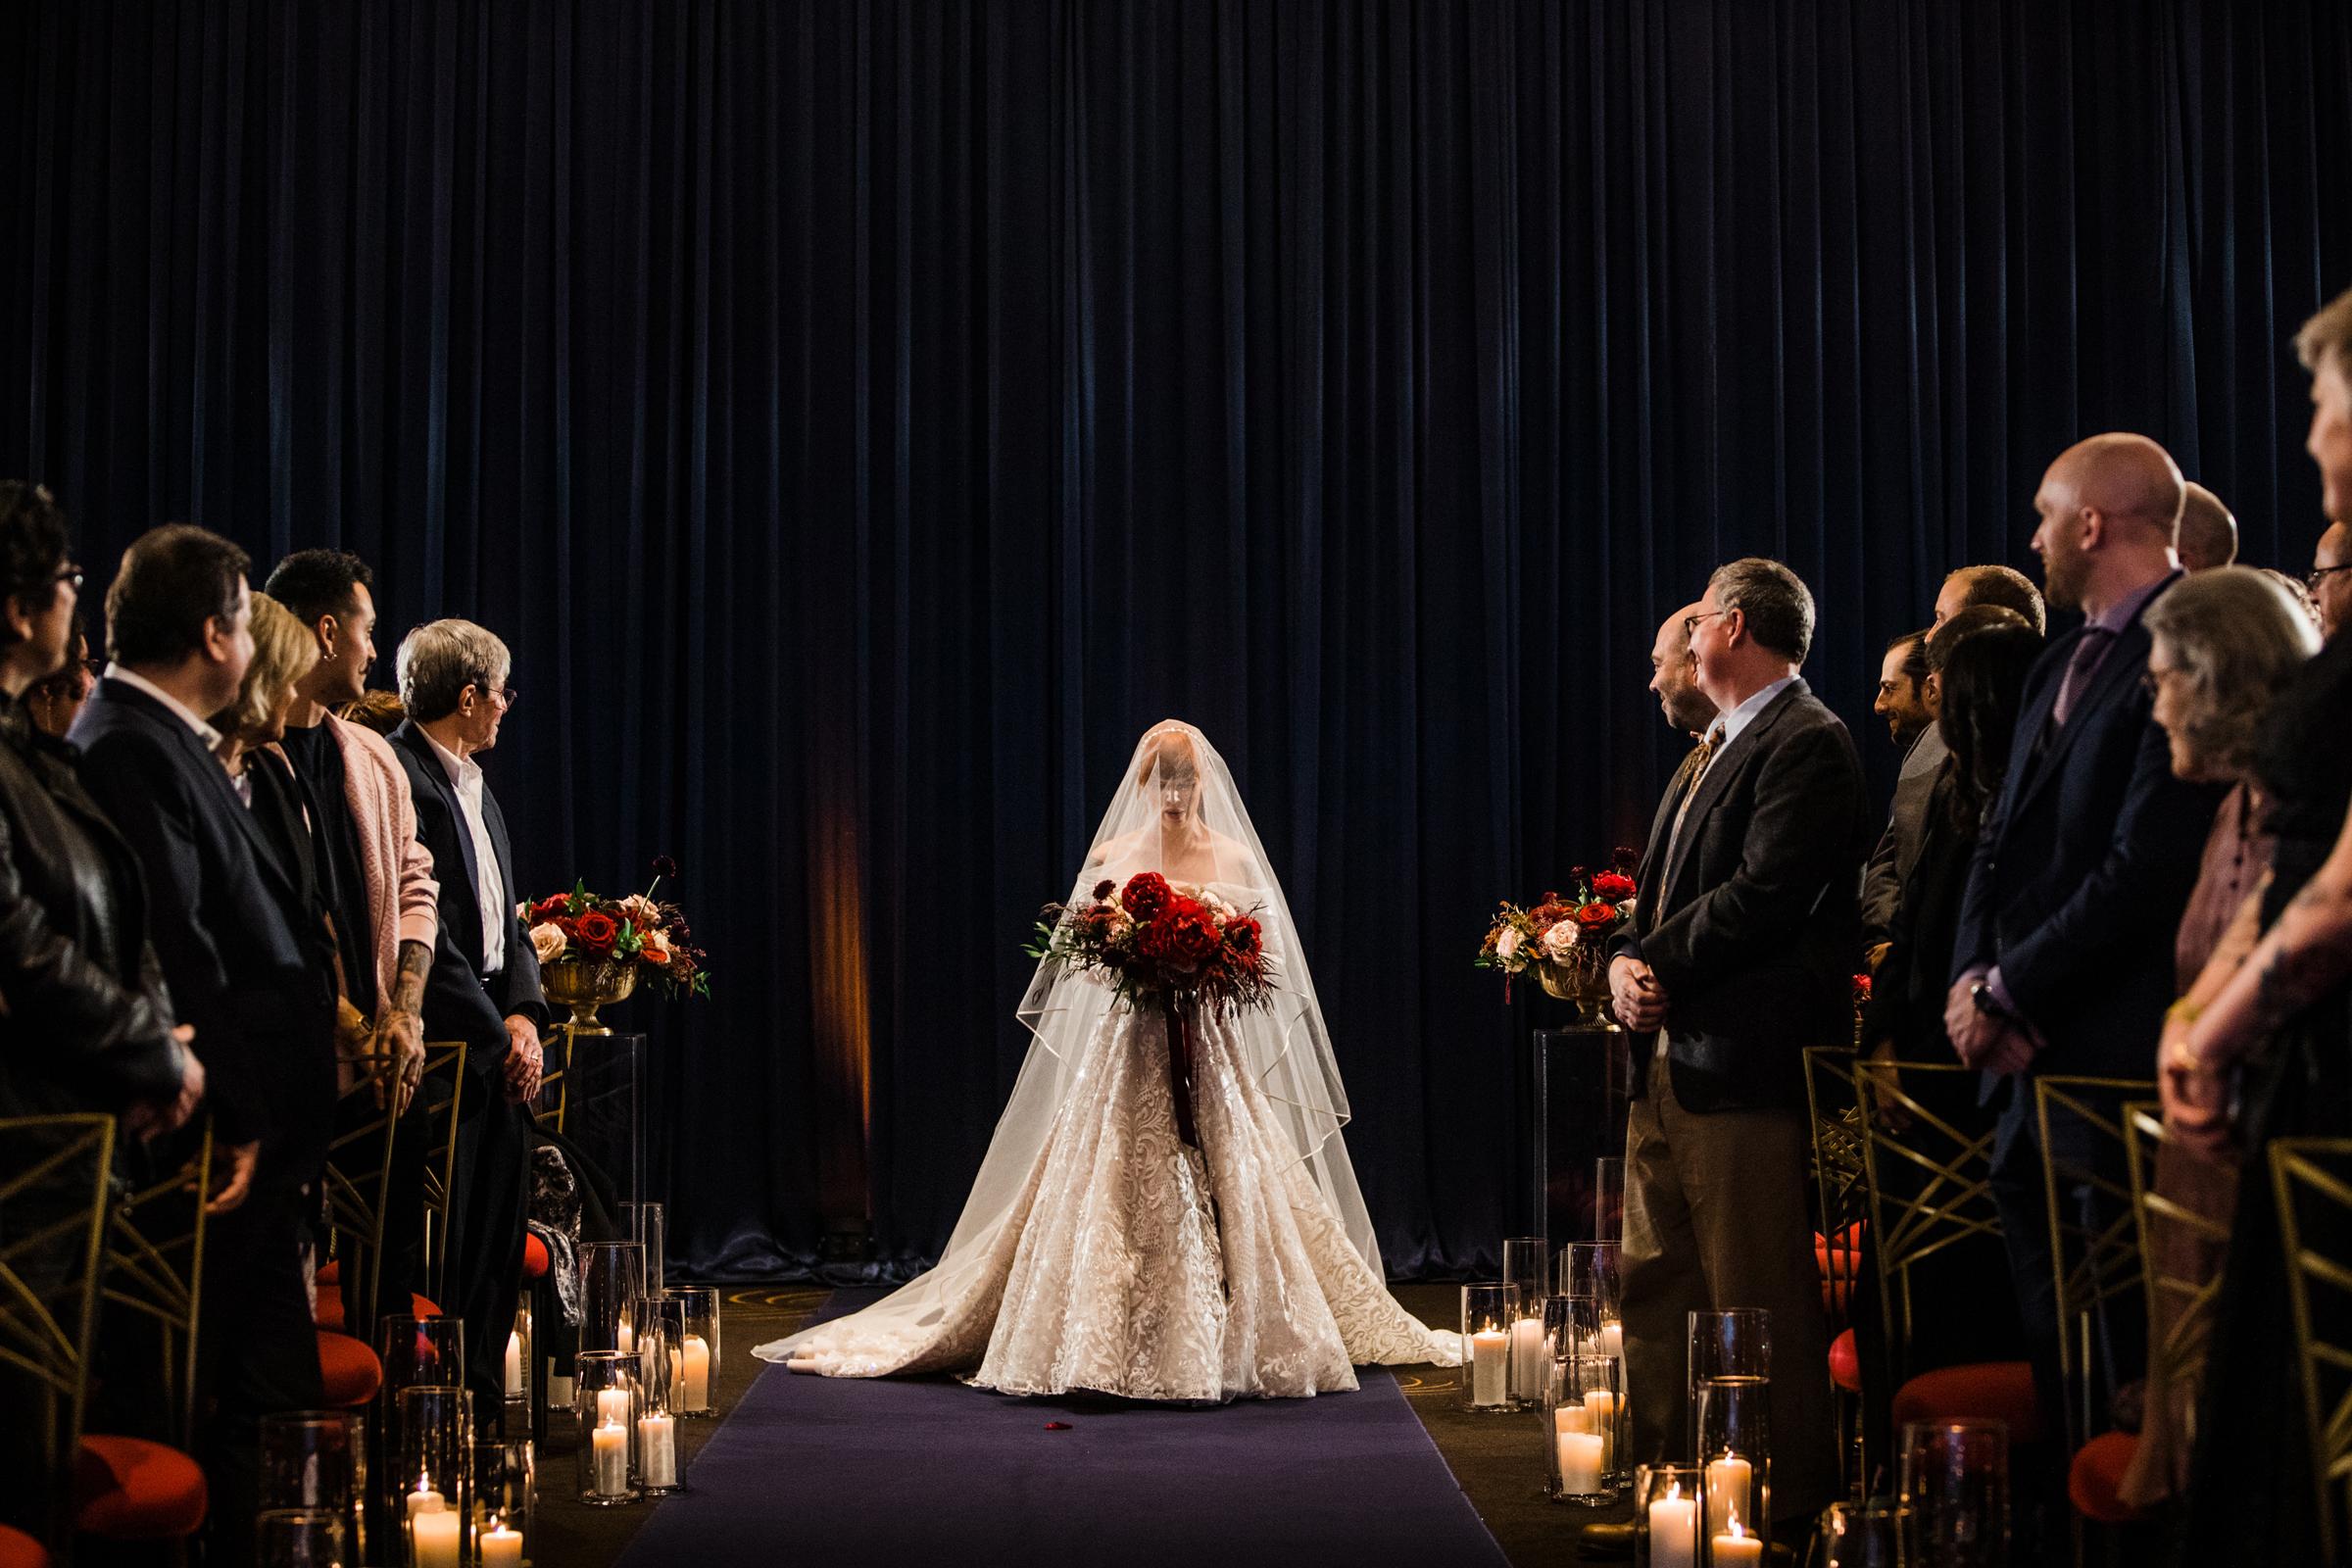 solemn-bride-in-ceremony-alante-photography.jpg